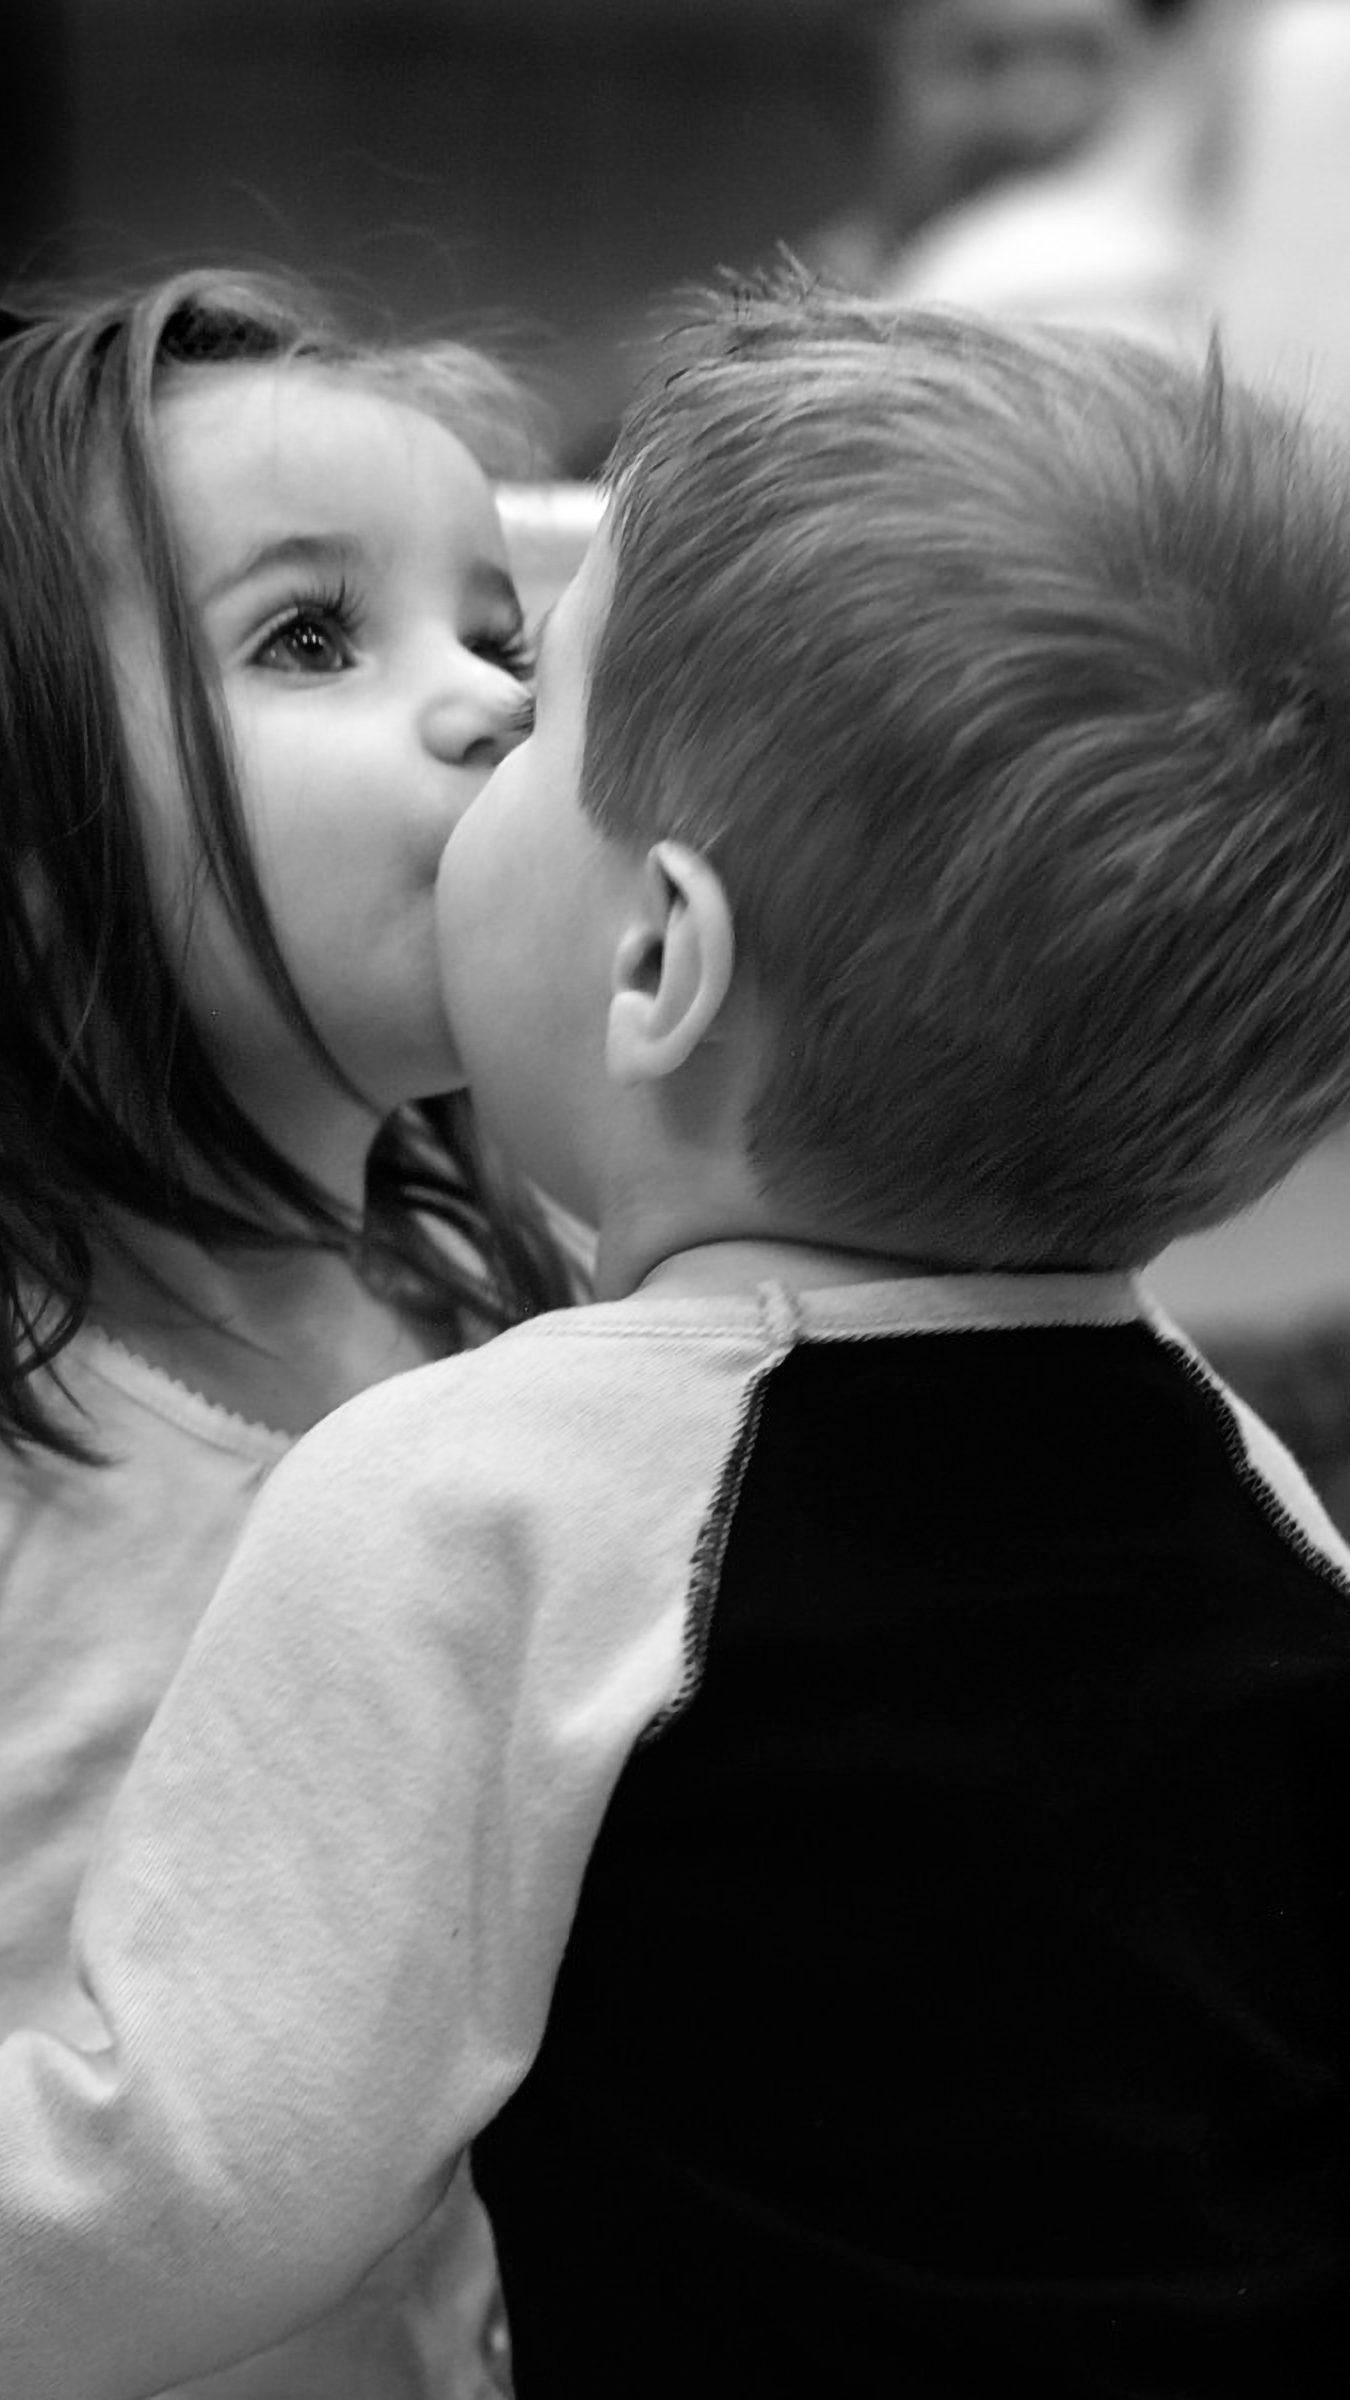 Cute Kids Kissing Monochrome Love 4k Wallpaper Best Wallpapers